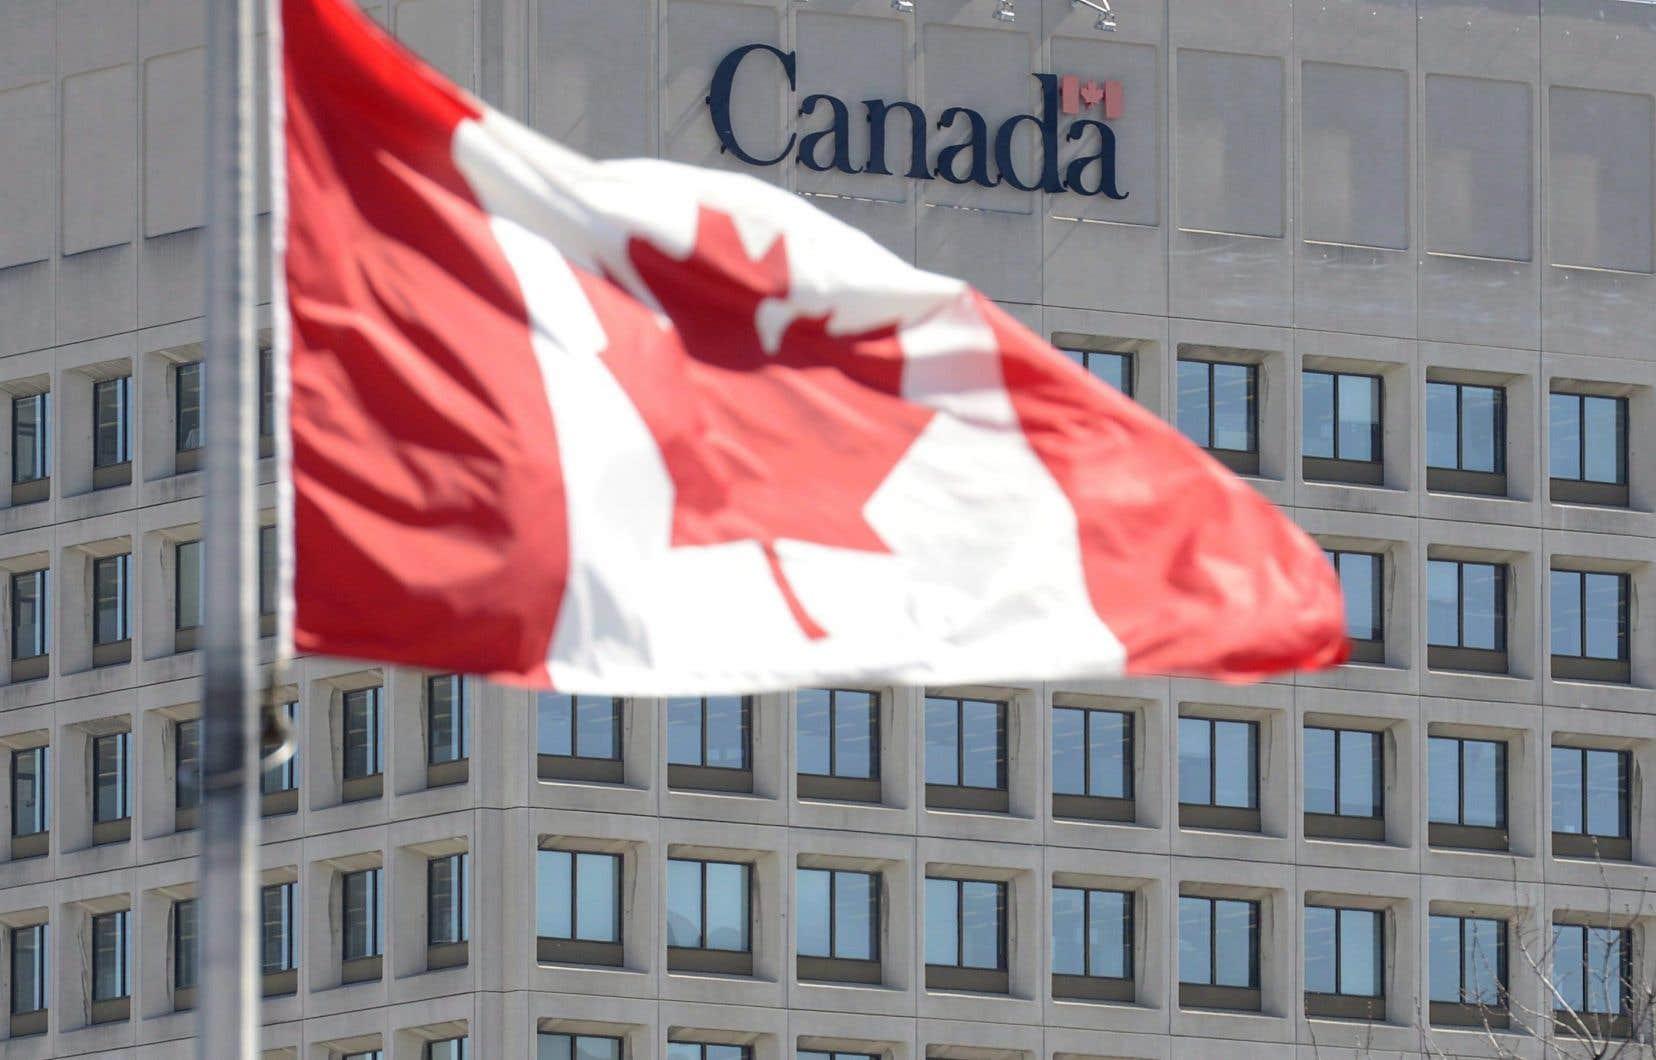 Desallégations d'inconduites visent les plus hauts gradés de l'armée canadienne, y compris les deux plus récents chefs d'état-major de la défense, le général Jonathan Vance et l'amiral Art McDonald.